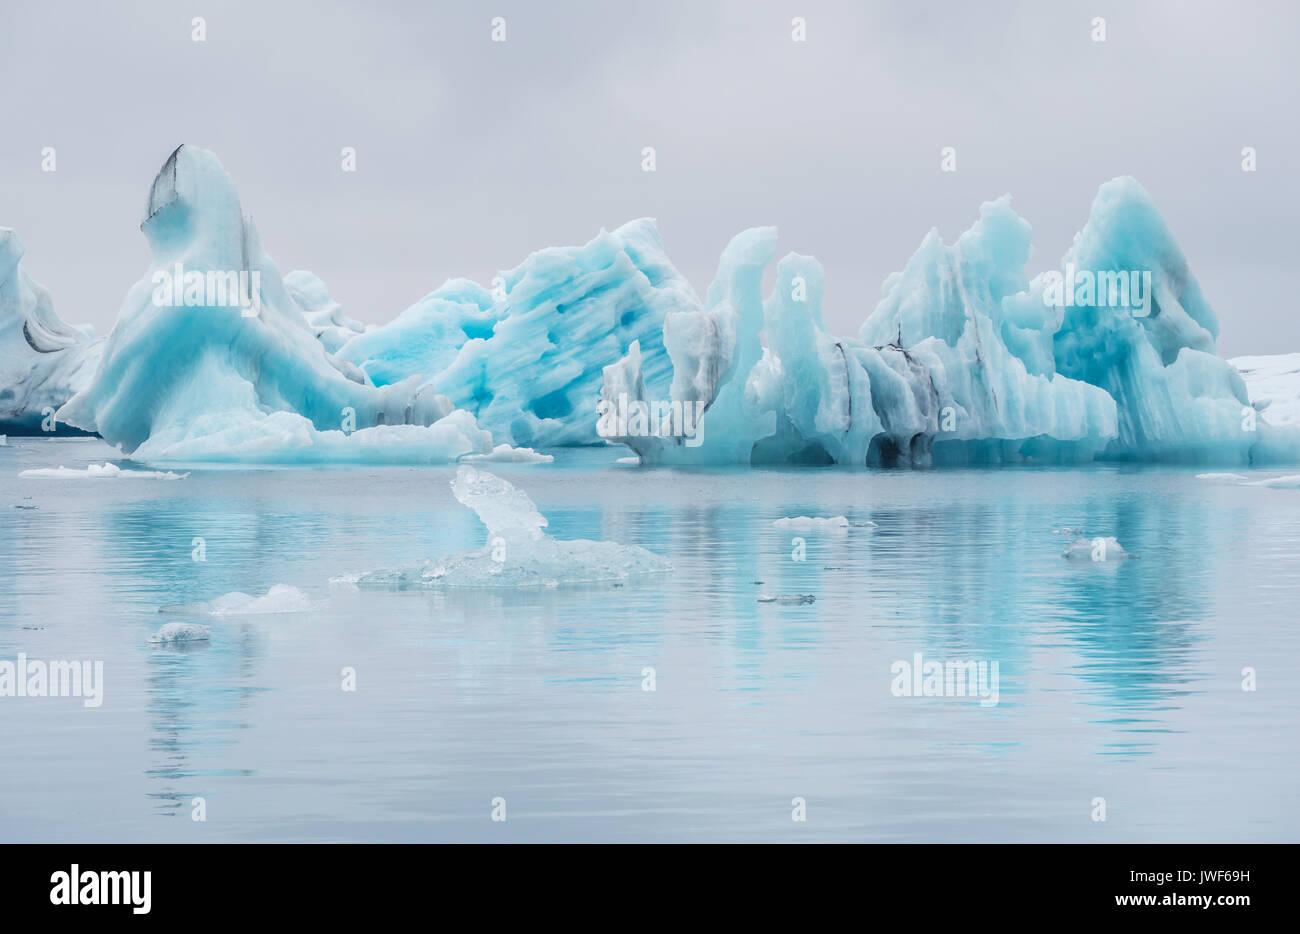 Beau bleu lumineux des icebergs à la dérive dans le lagon du glacier Jökulsárlón, Islande. Photo Stock